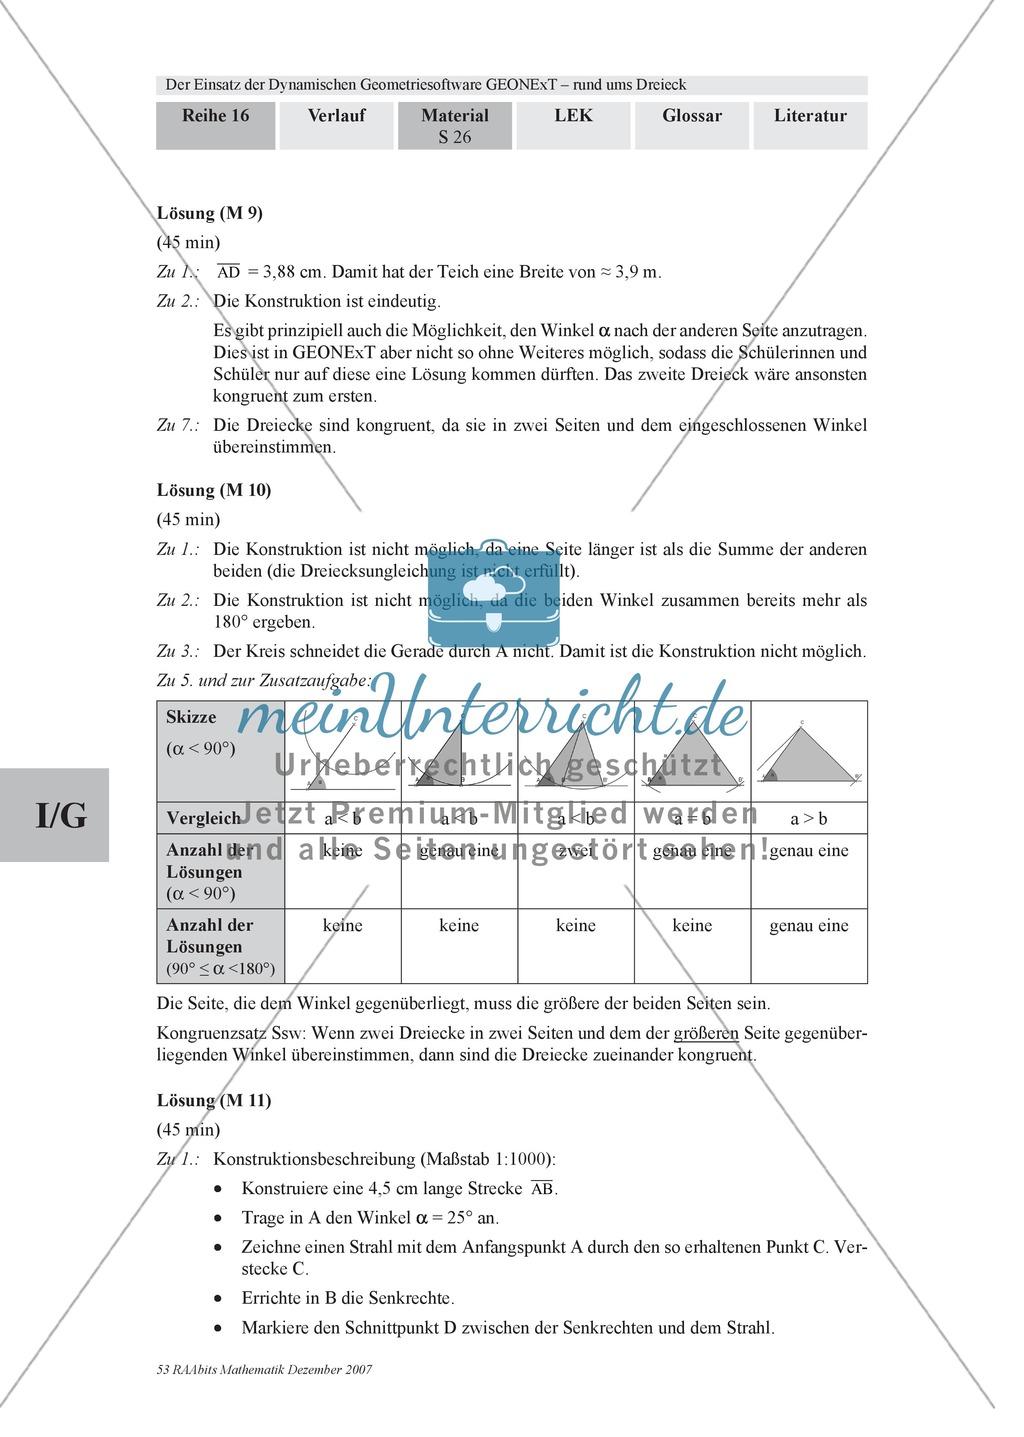 GEONExT-Geometriesoftware: Einteilung von Dreiecken nach Winkeln und Seiten Preview 6